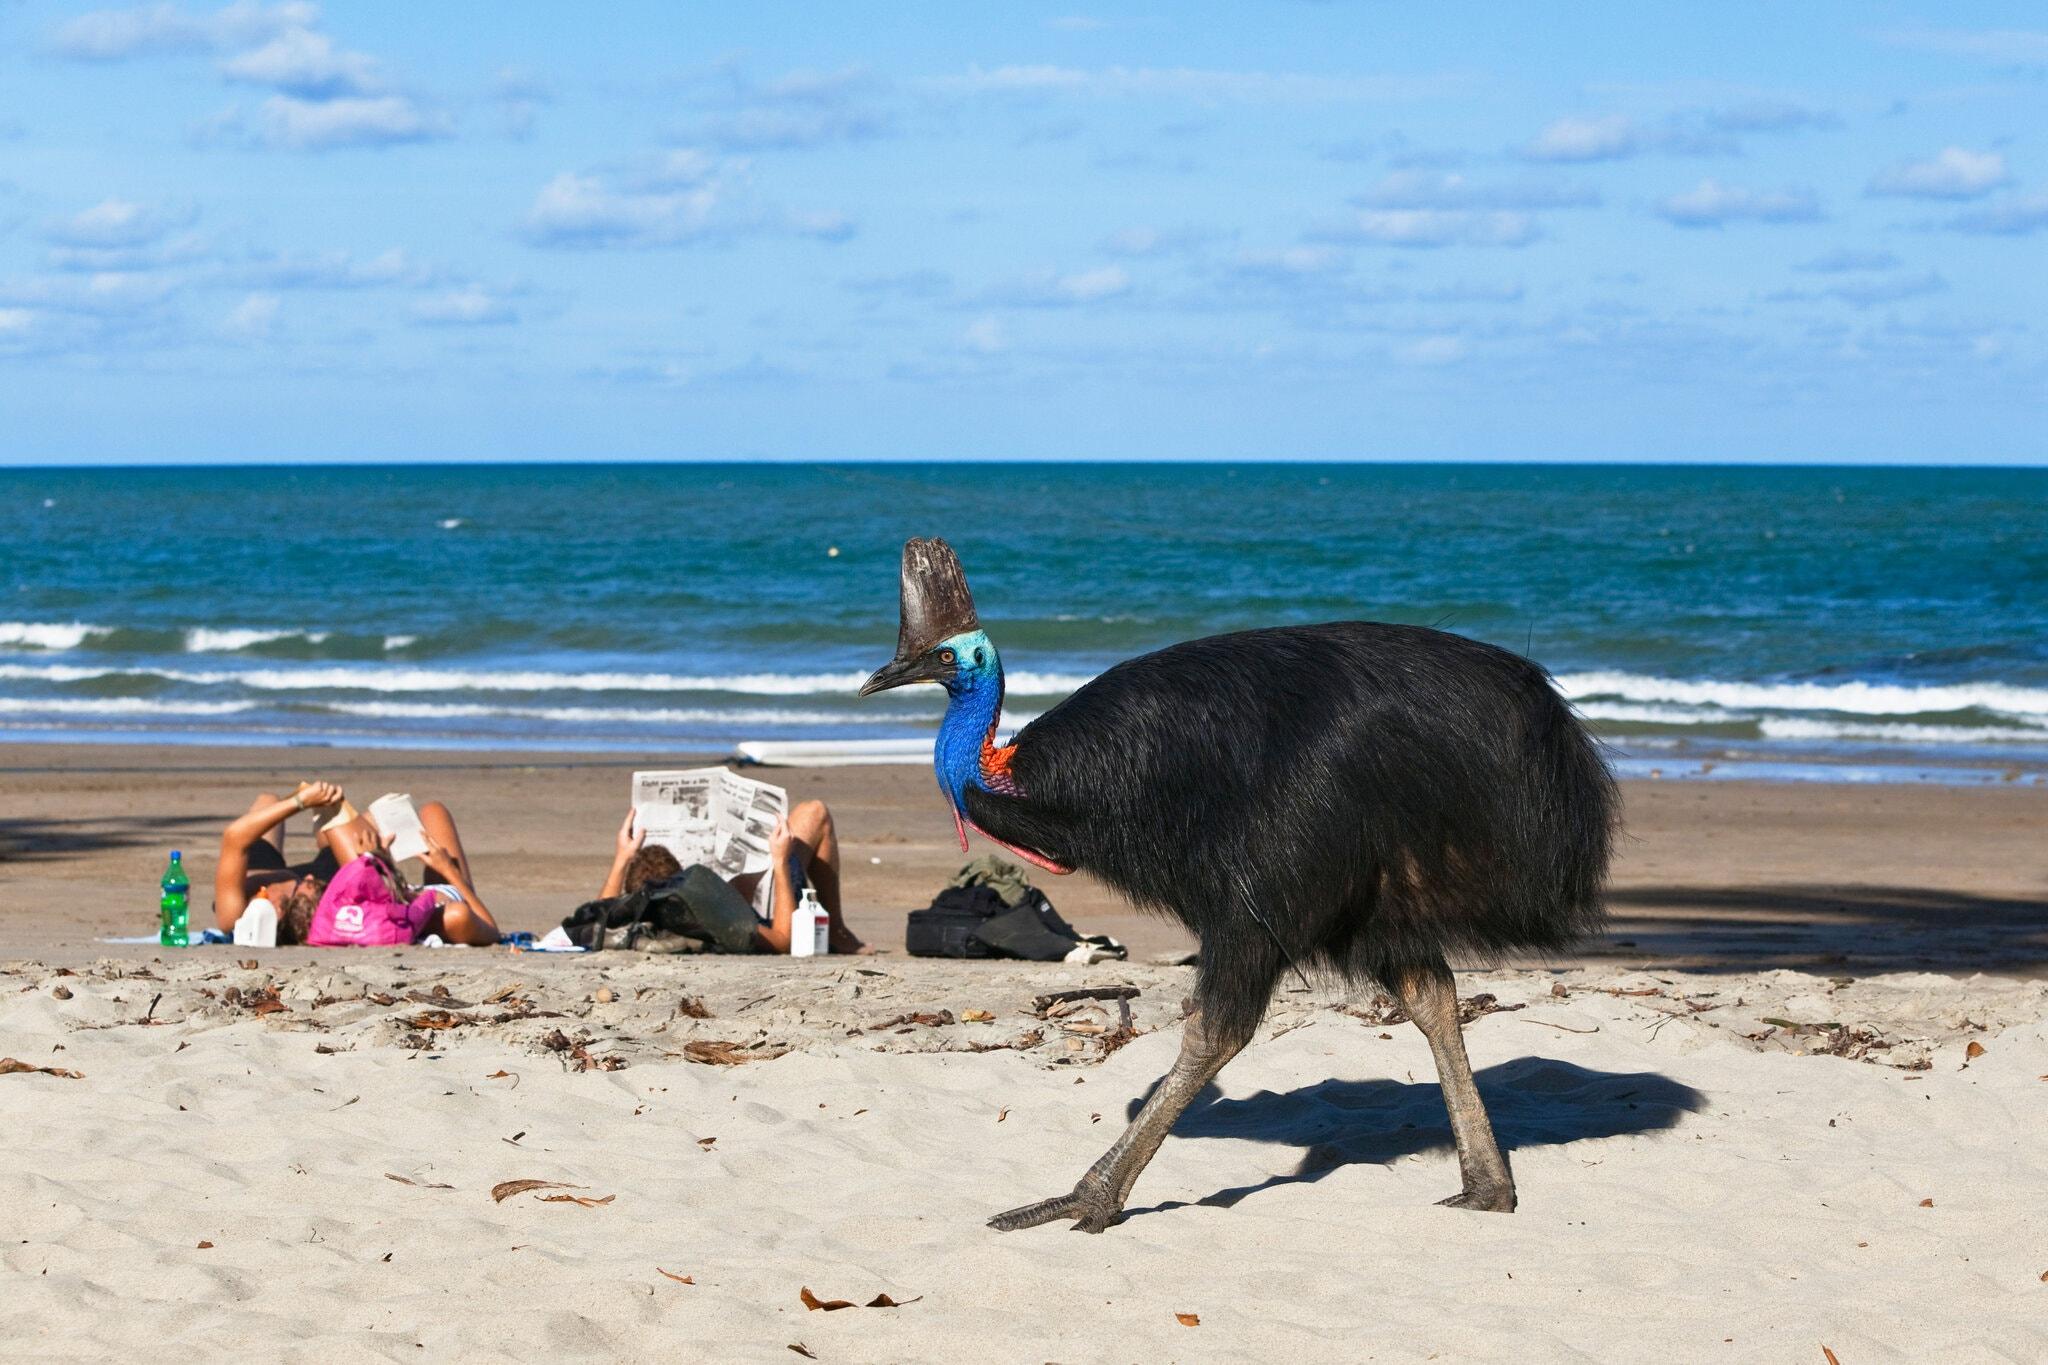 Um casuar do sul espreitou uma praia movimentada em Moresby Range, Queensland, Austrália - Foto: Konrad Wothe / imageBROKER, via Alamy